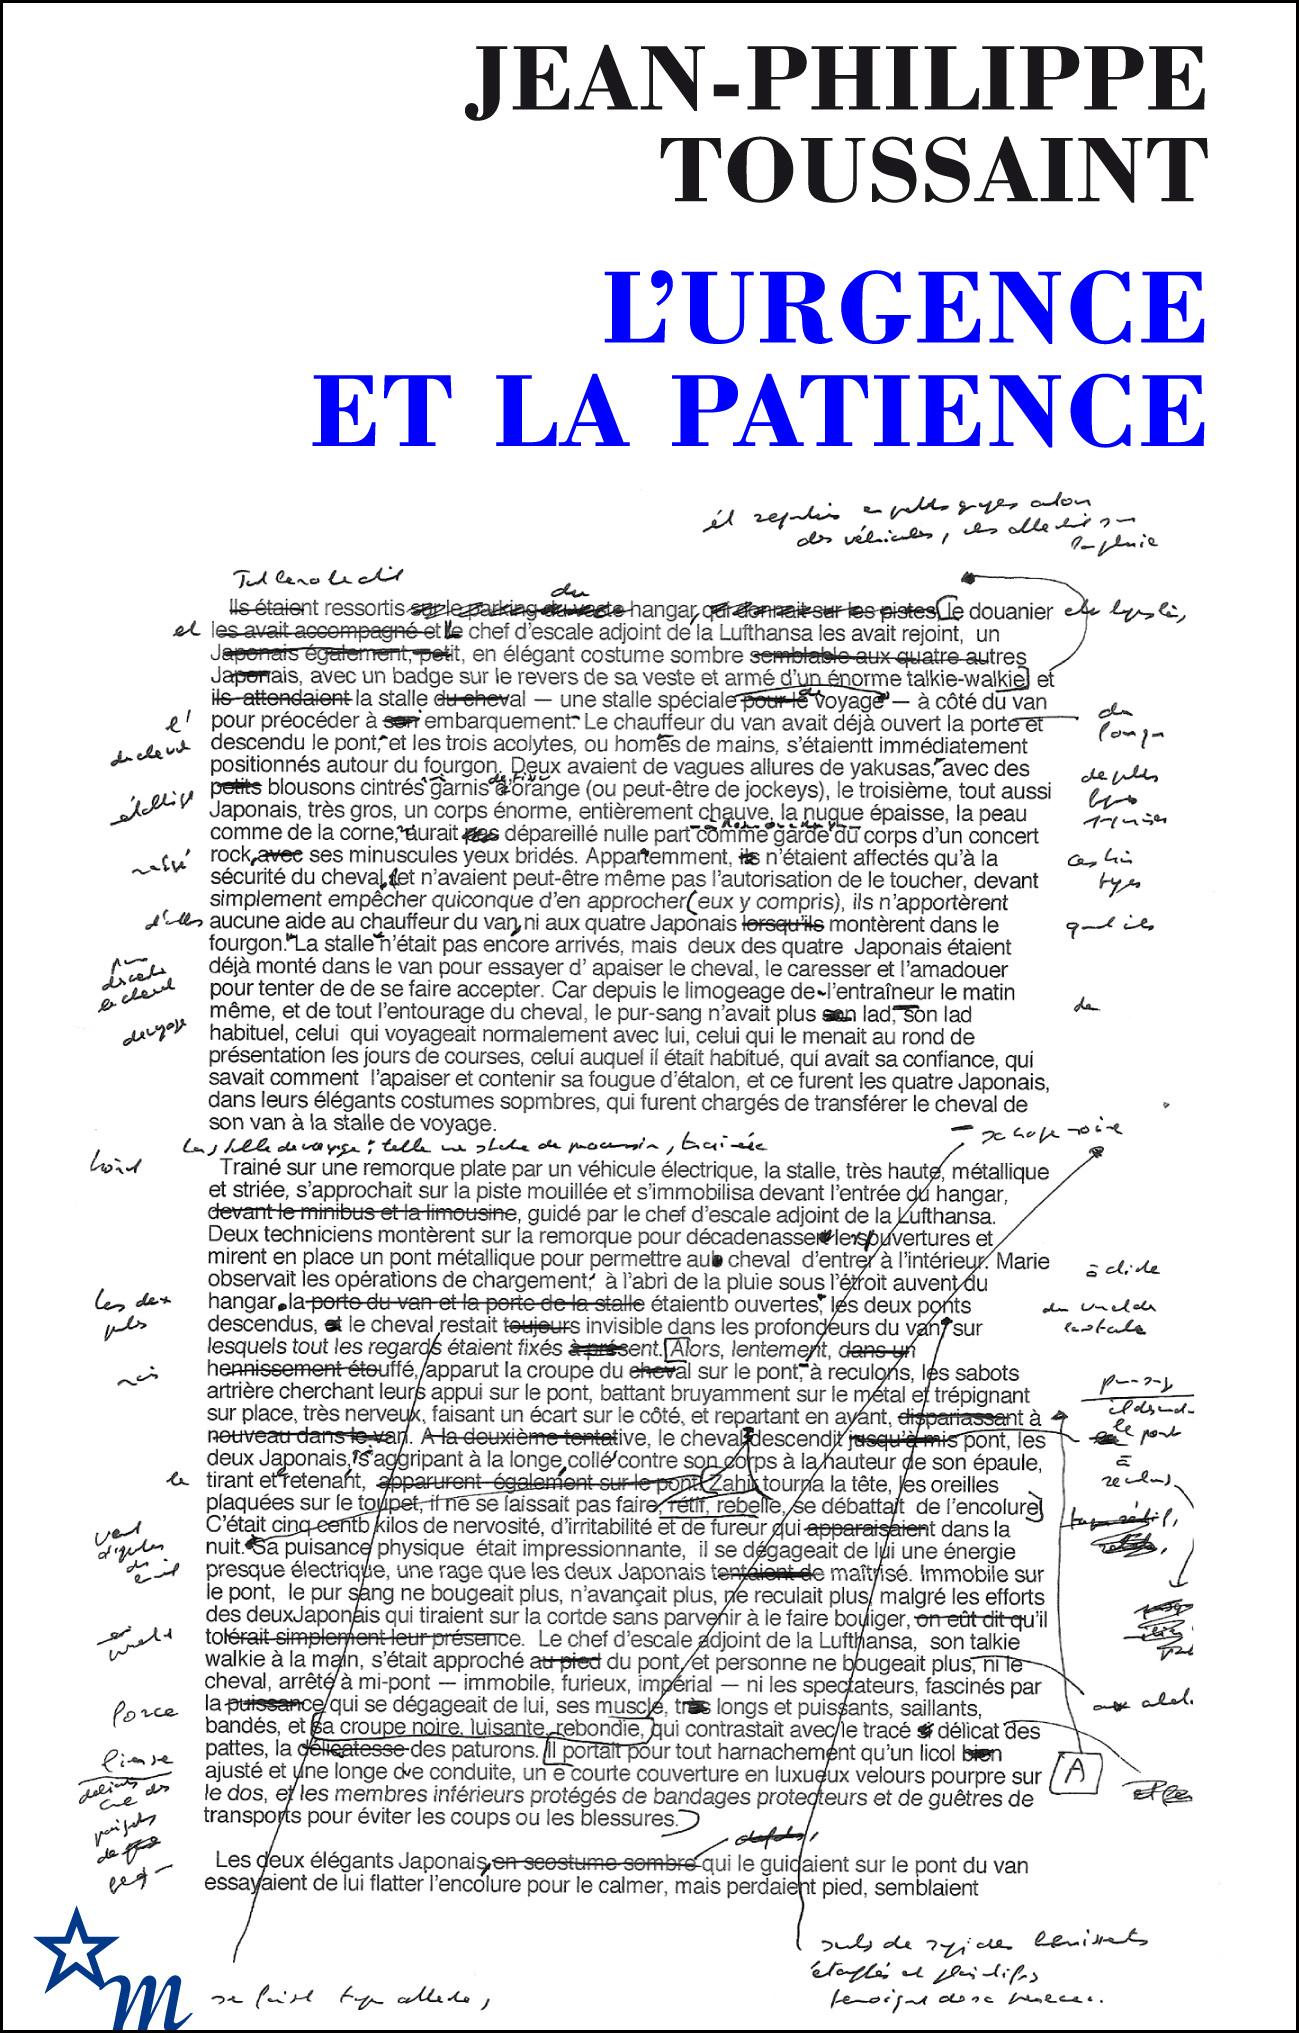 L URGENCE ET LA PATIENCE